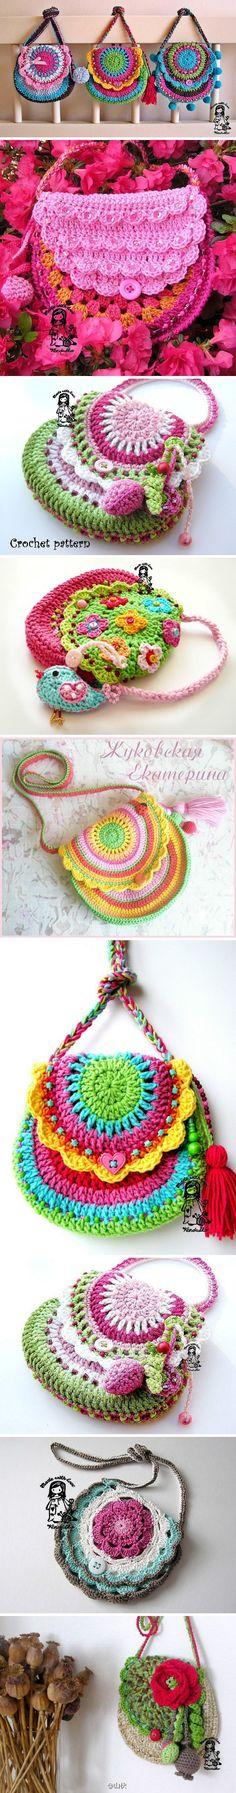 Lots of crochet bags